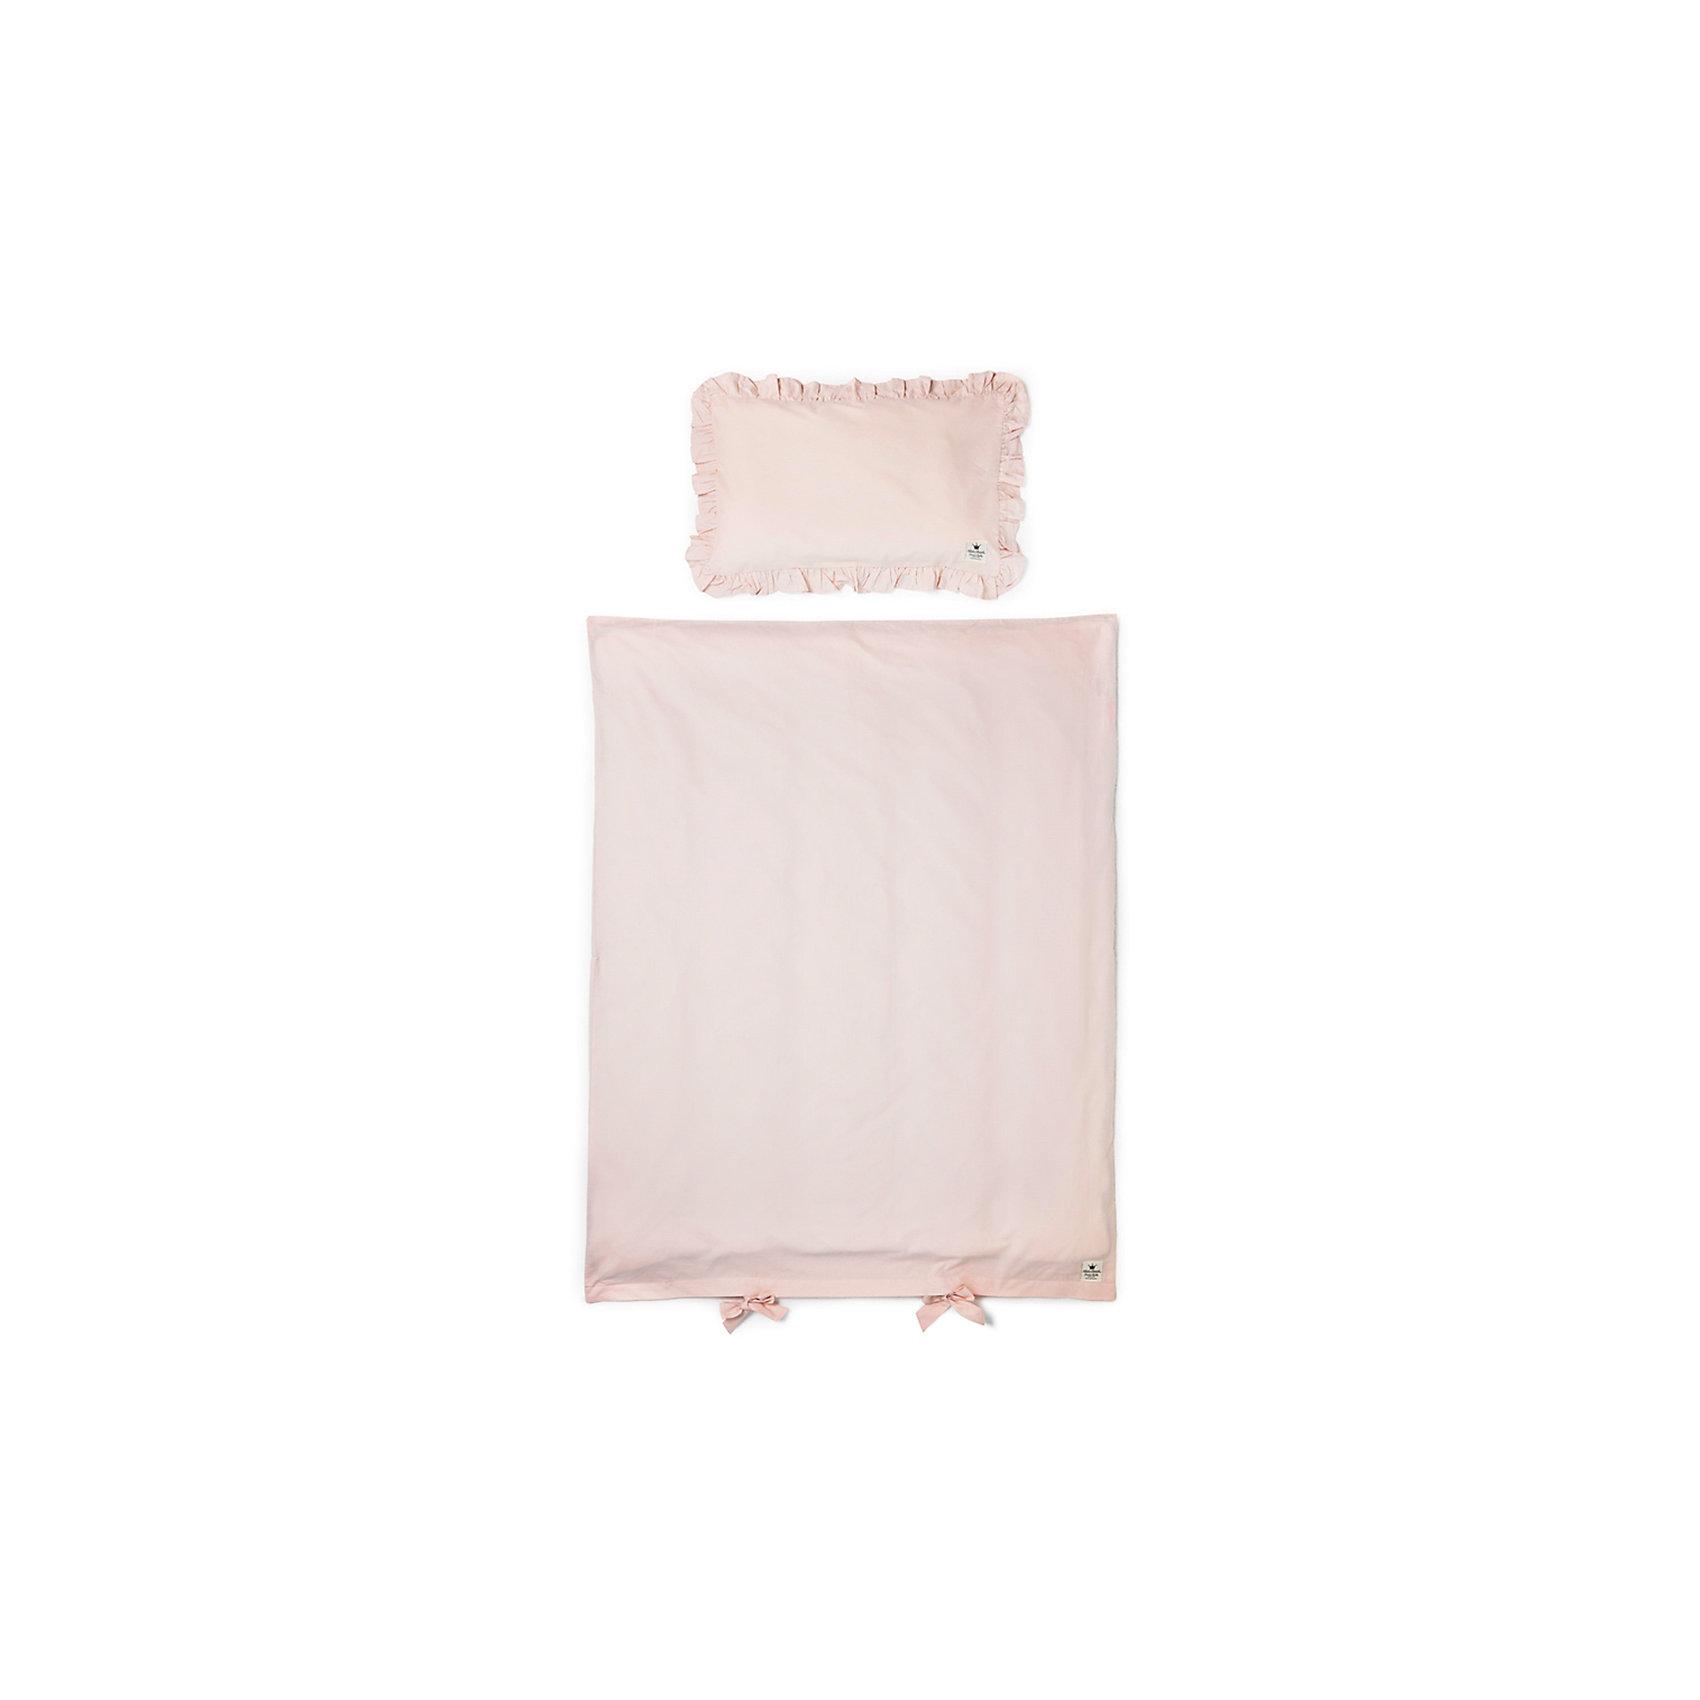 Постельное белье Powder Pink, Elodie Details, розовыйПостельное бельё<br>Постельное белье Powder Pink, Elodie Details, розовый.<br><br>Характеристики:<br><br>• Элементы комплекта изготовлены из очень гладкого и мягкого 100% органического хлопка-перкаль.<br>• Хлопок имеет сертификацию GOTS (выращен без использования вредных химических веществ).<br>• Подходит к большинству стандартных кроваток.<br>• К комплекту постельного белья также можно приобрести одеяло (продается отдельно).<br>• В комплекте: наволочка, пододеяльник<br>Размеры:<br>Пододеяльник, см: 100х130<br>Наволочка, см: 35х55<br><br>Постельное белье Powder Pink, Elodie Details, розовый от известного шведского производителя функциональных и инновационных товаров для детей. Вся продукцию Elodie Details отличает высокое качество, интересный дизайном, смелые новаторские и очень стильные узоры. Такой комплект, нежного розового цвета, сделает спальное место малыша уютным и подарит ему комфортный и здоровый сон.<br><br>Постельное белье Powder Pink, Elodie Details, розовый можно купить в нашем интернет-магазине.<br><br>Ширина мм: 390<br>Глубина мм: 270<br>Высота мм: 20<br>Вес г: 558<br>Возраст от месяцев: 0<br>Возраст до месяцев: 36<br>Пол: Унисекс<br>Возраст: Детский<br>SKU: 5077453